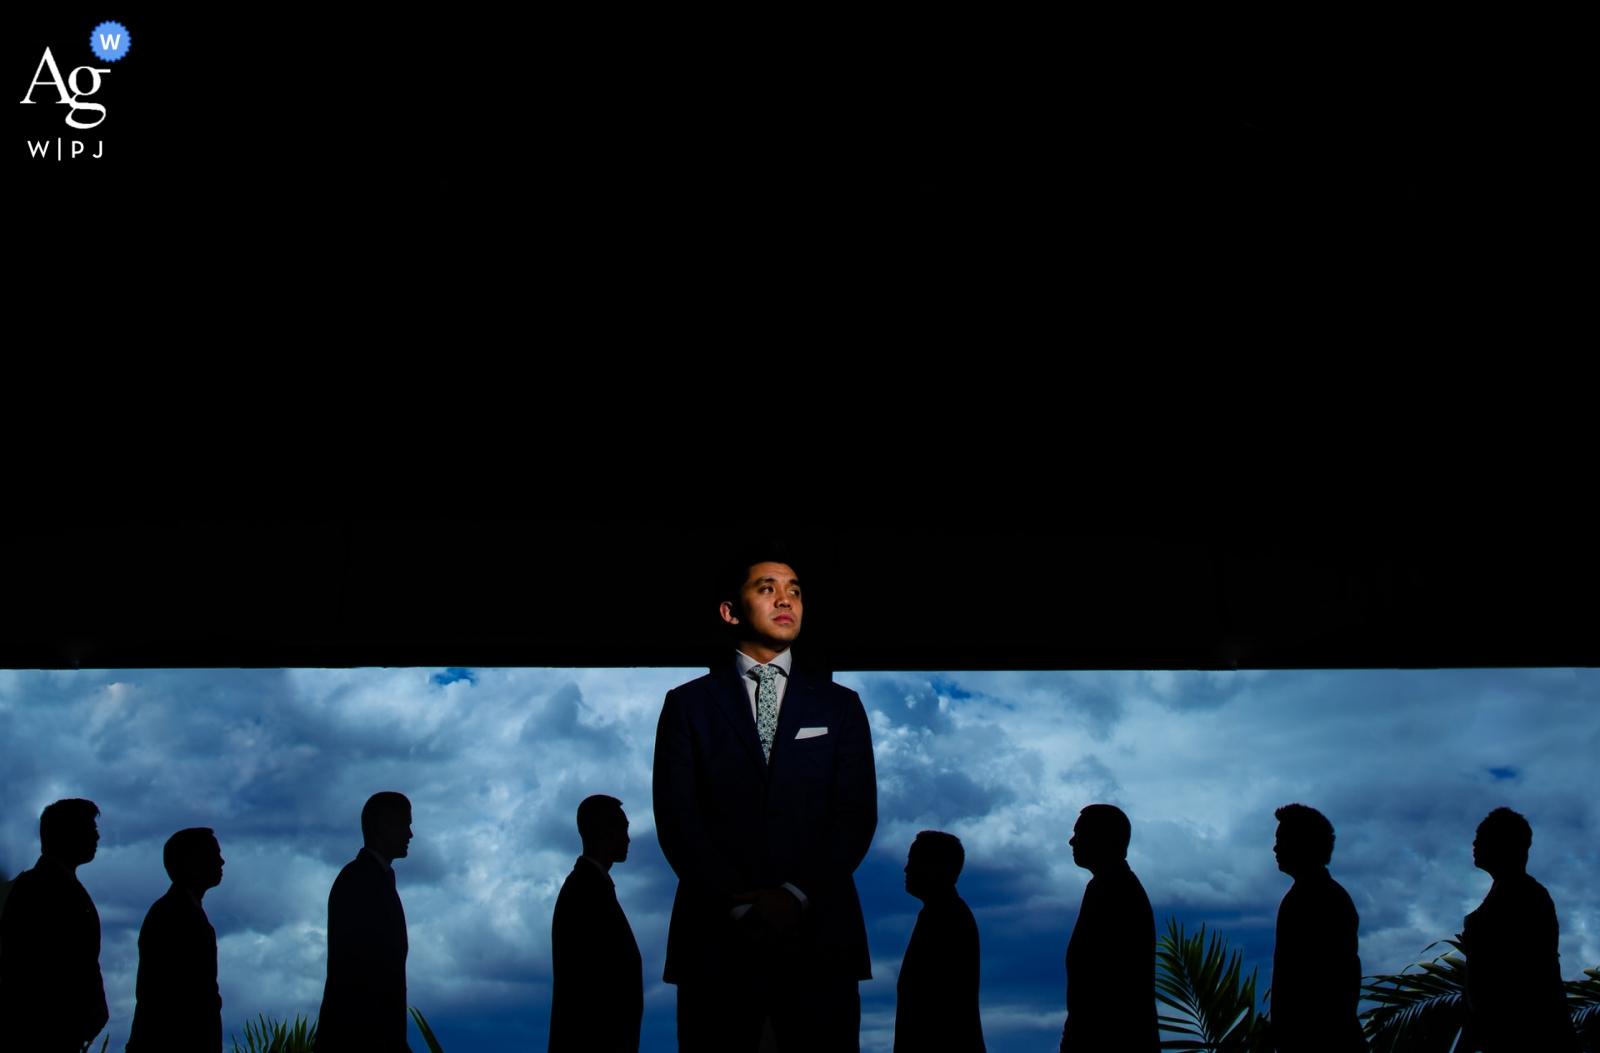 Andaz Resort, Wailea, Maui, Hawaii Hochzeitsbilder: Trauzeugen schießen mit Licht vor der Zeremonie